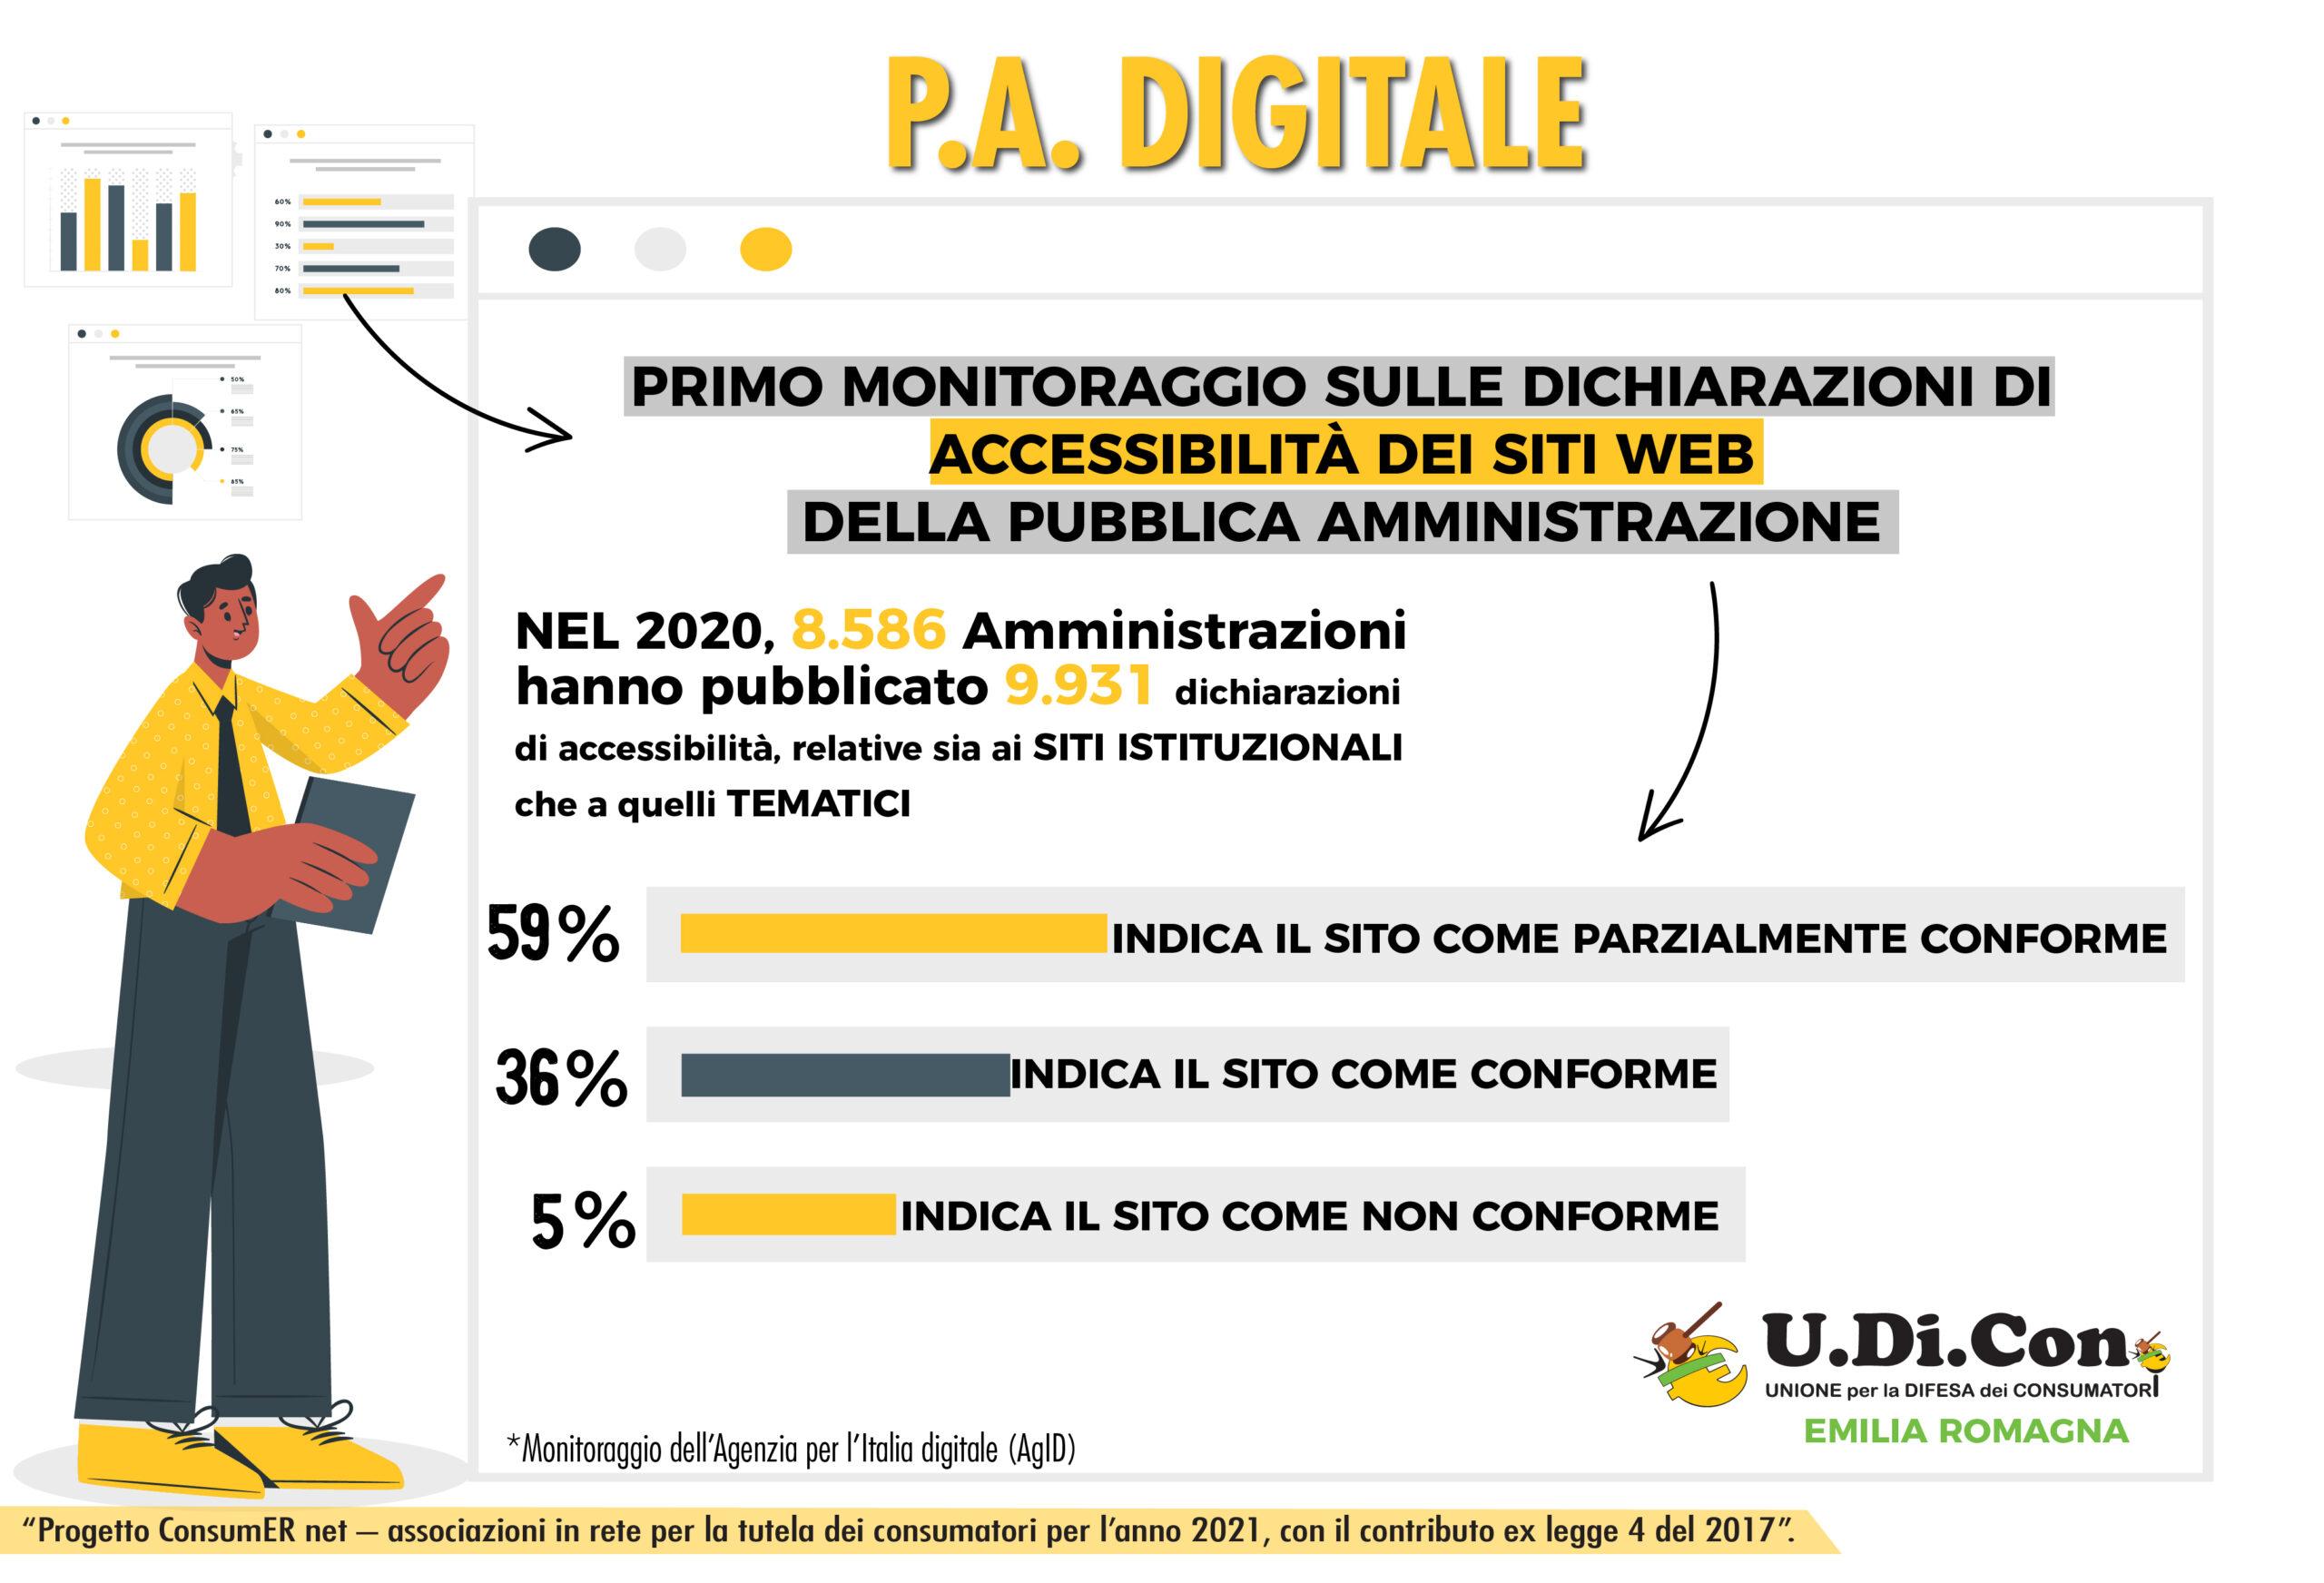 Infografica - P.A. DIGITALE